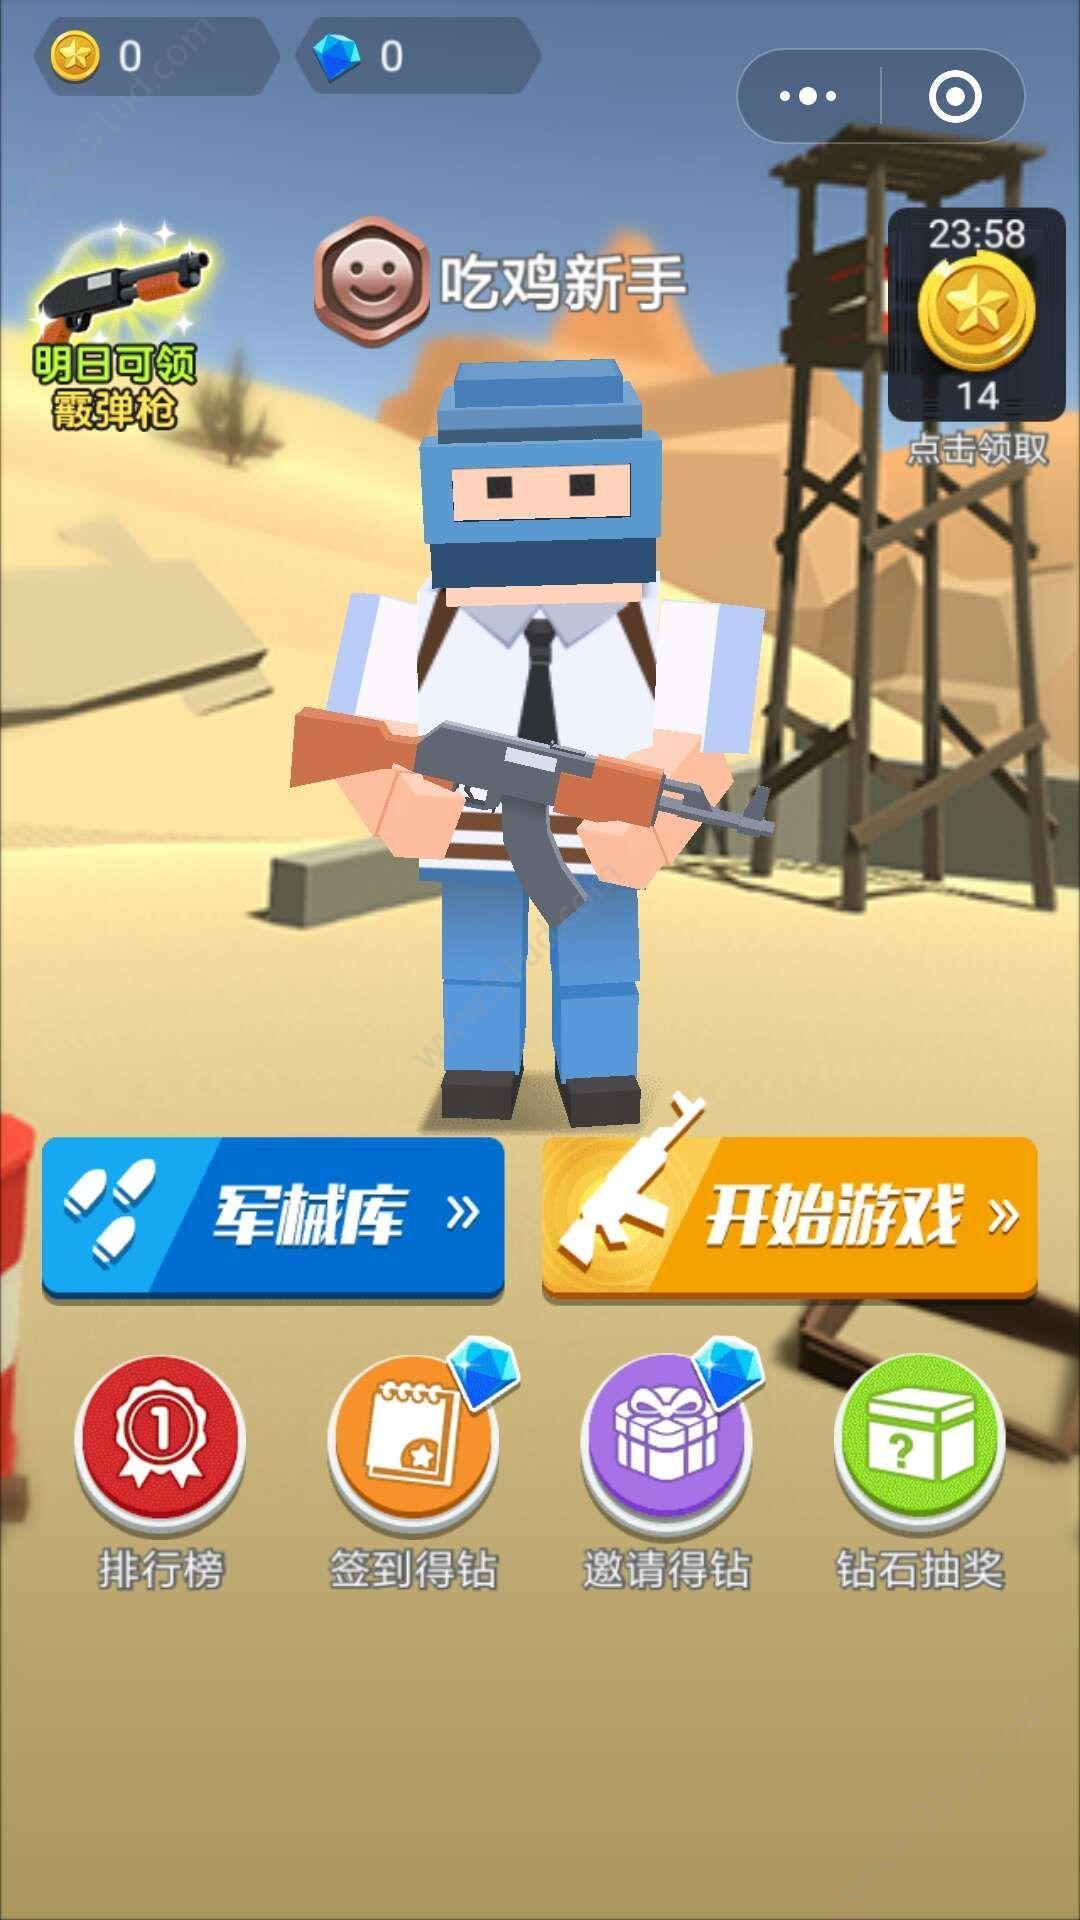 抖音枪枪吃鸡游戏官方网站下载正式版图片4